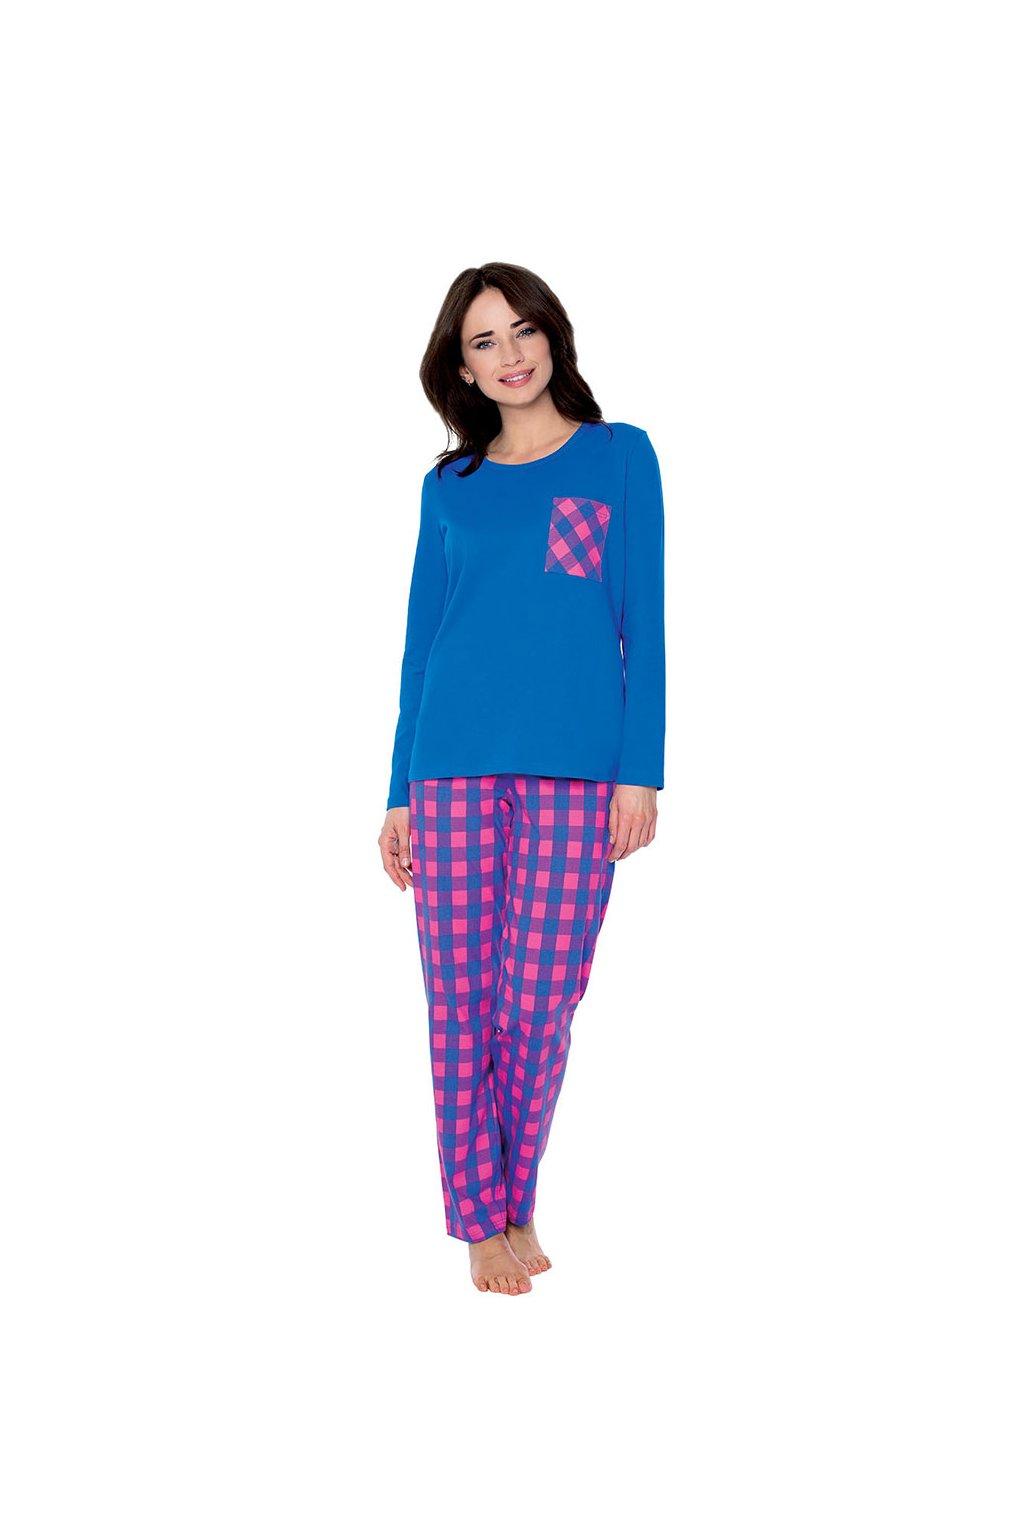 Dámské pyžamo s dlouhým rukávem, 104504 459, modrá